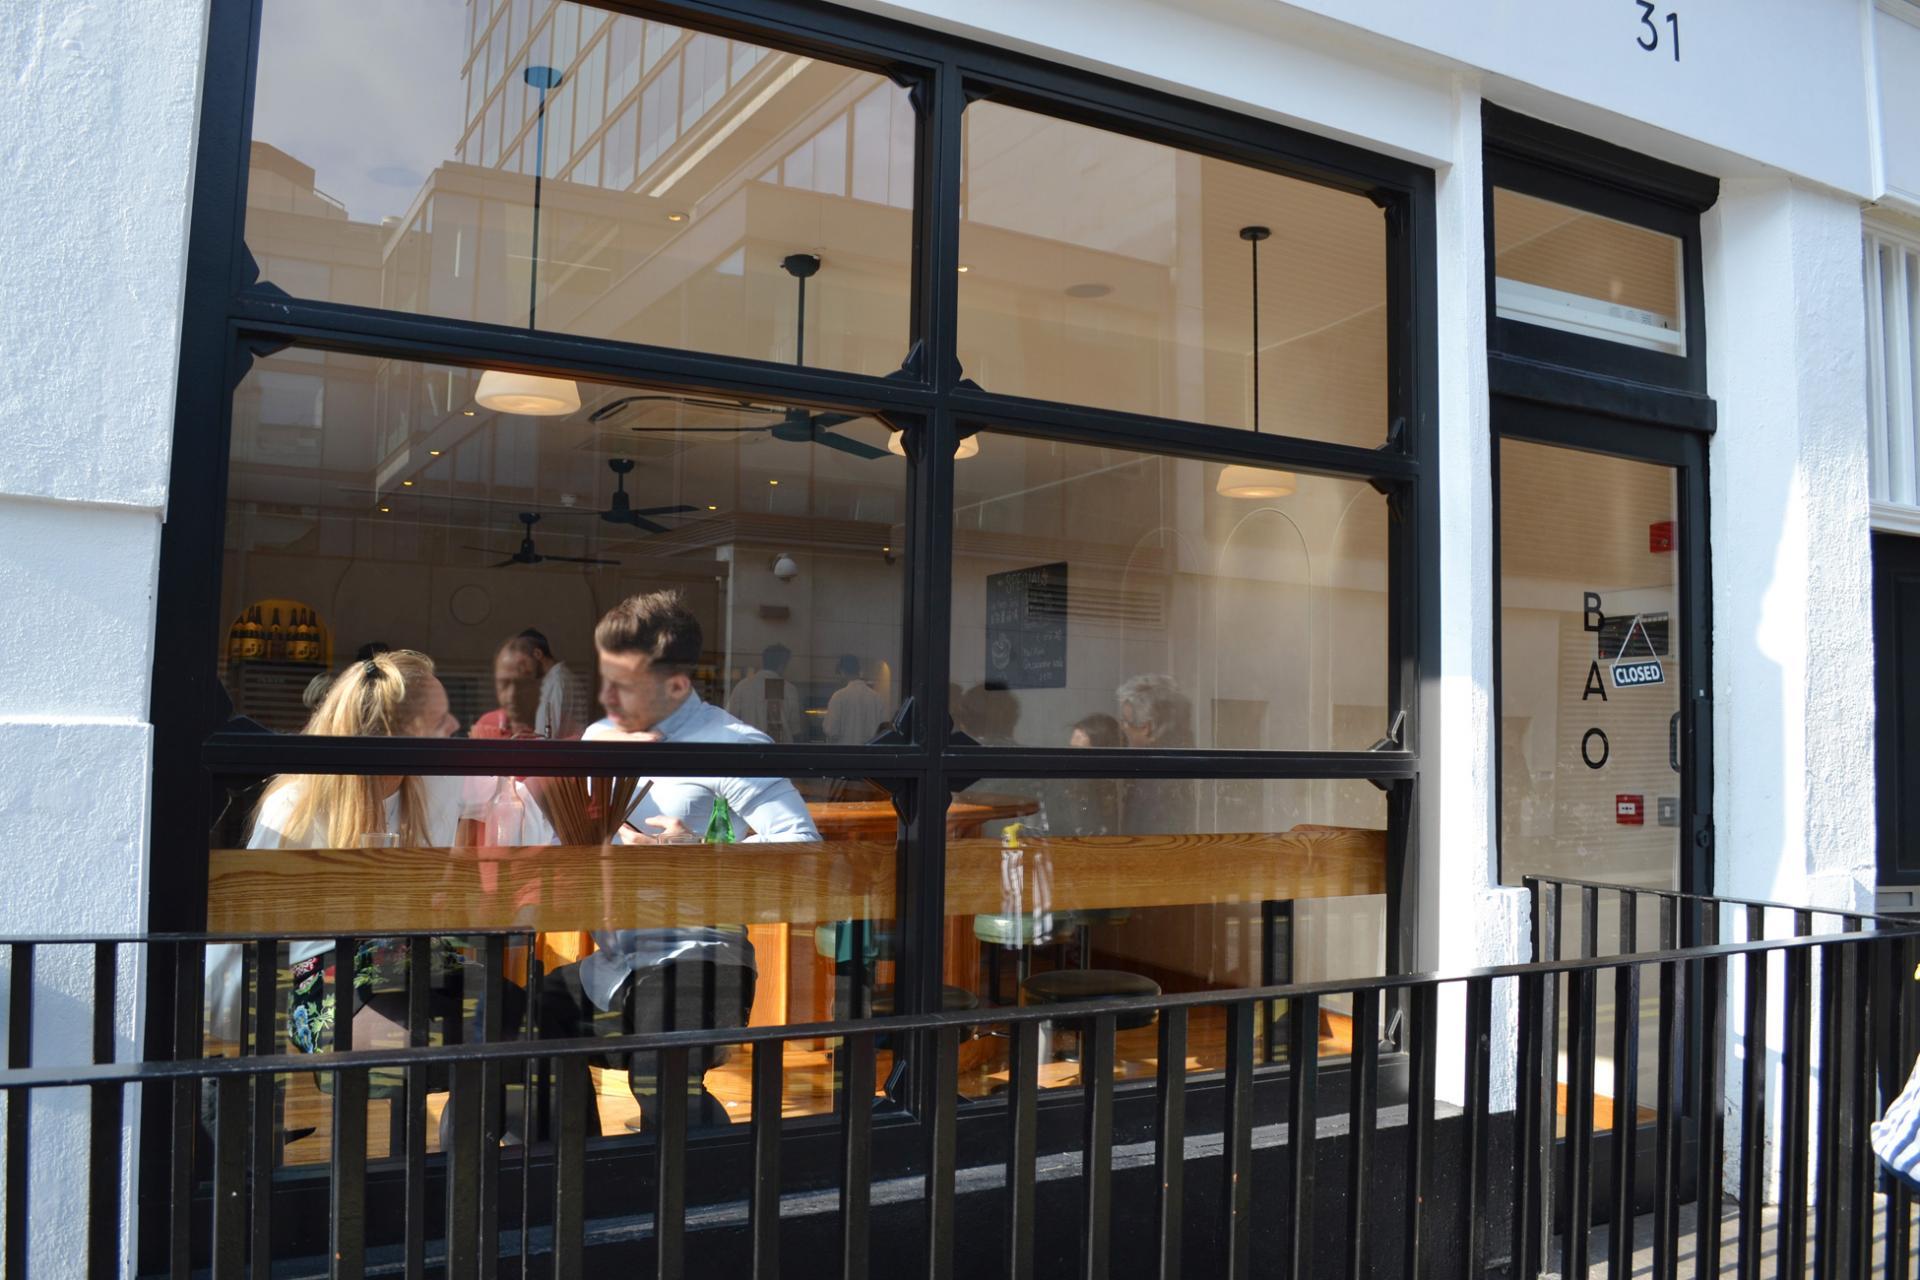 bao-londres-restaurante-170511120559014-Kopie